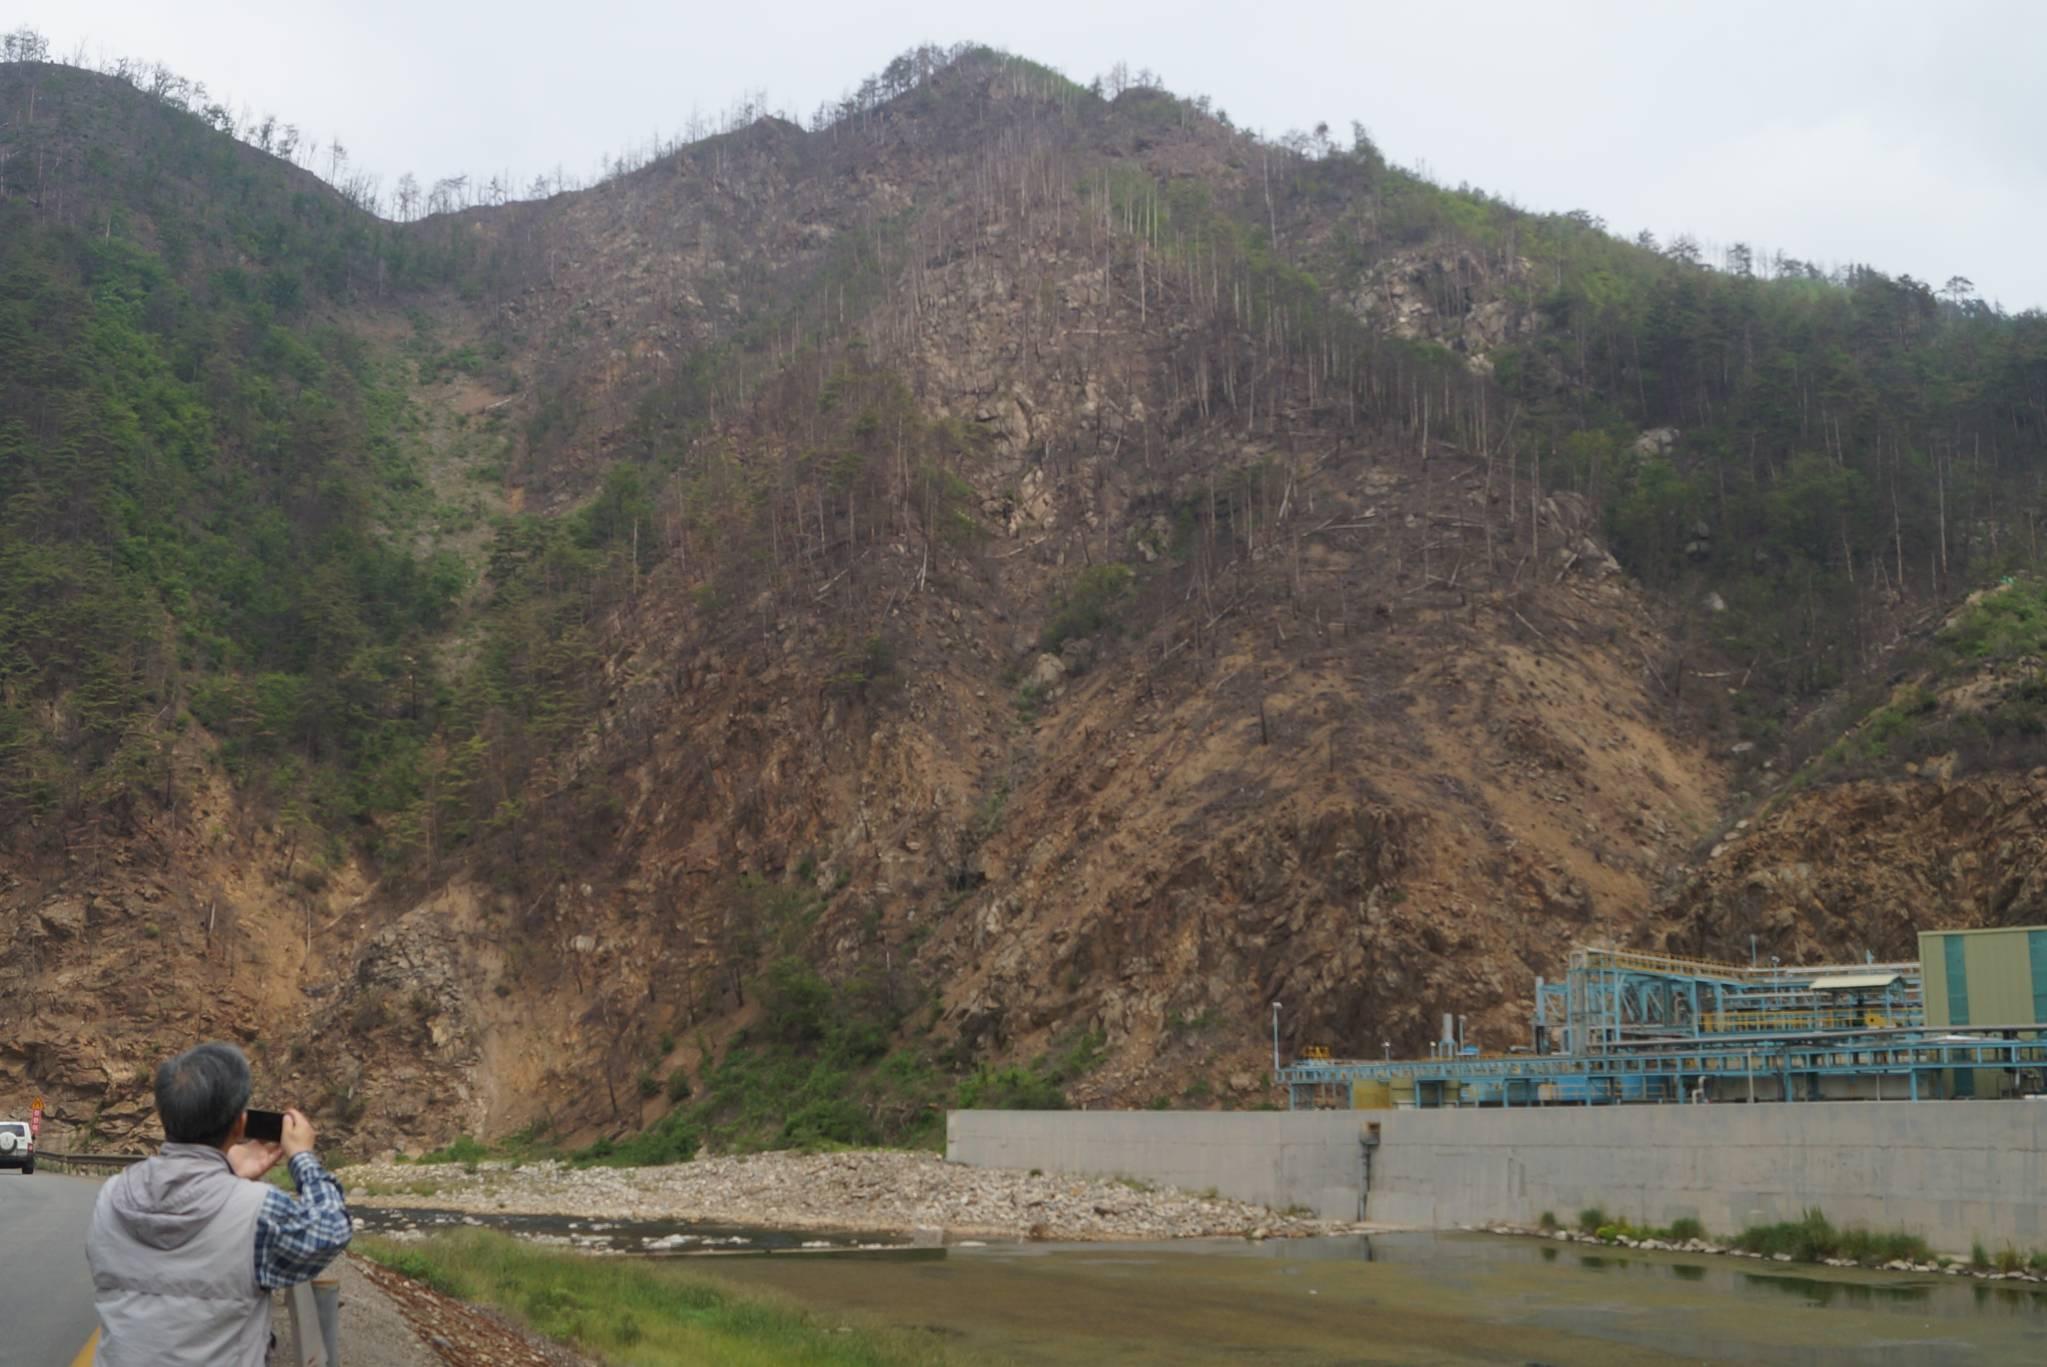 석포제련소 주변 산림. 강찬수 기자